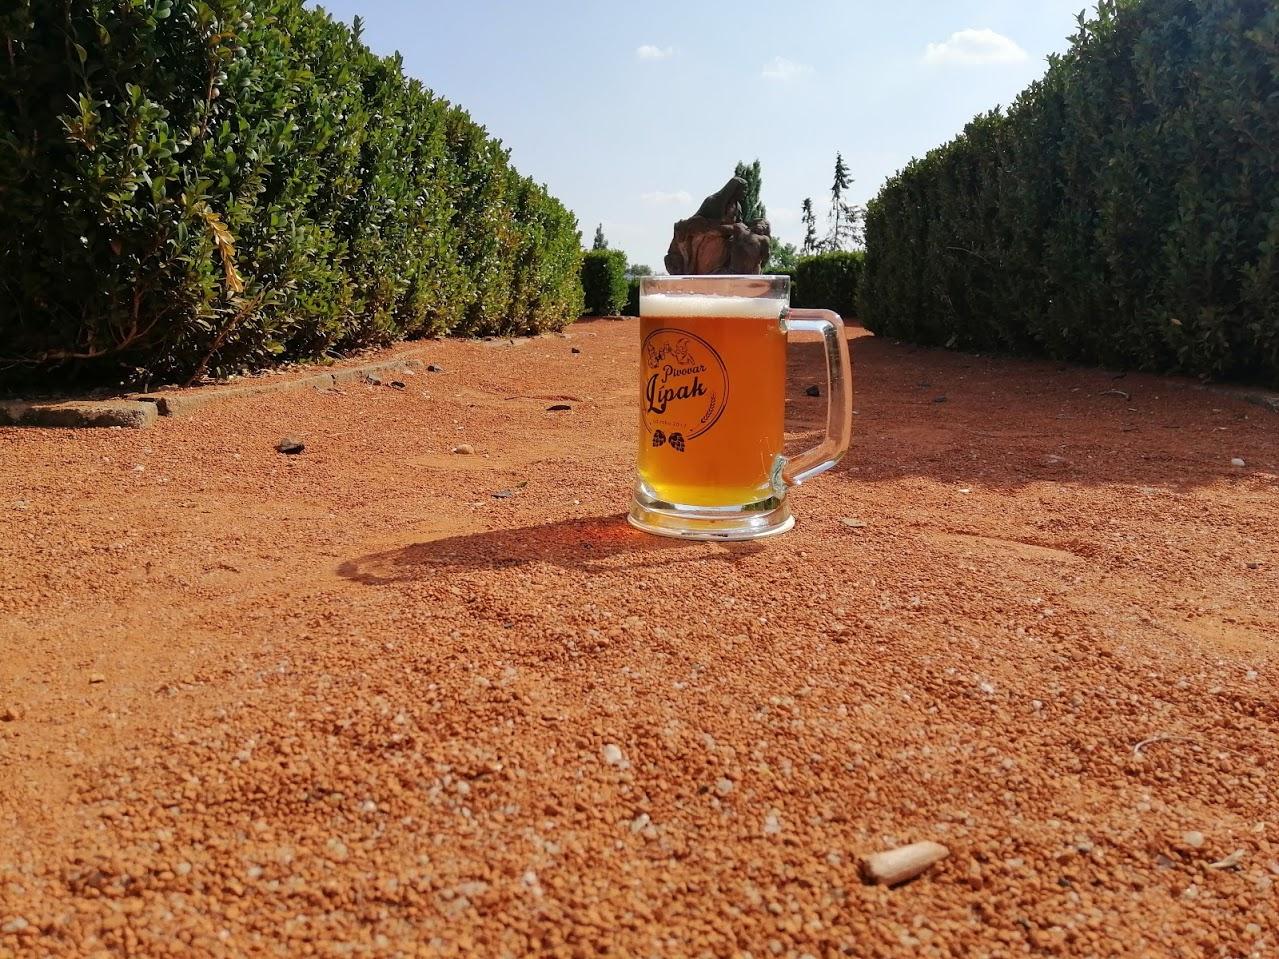 láhev datování piva